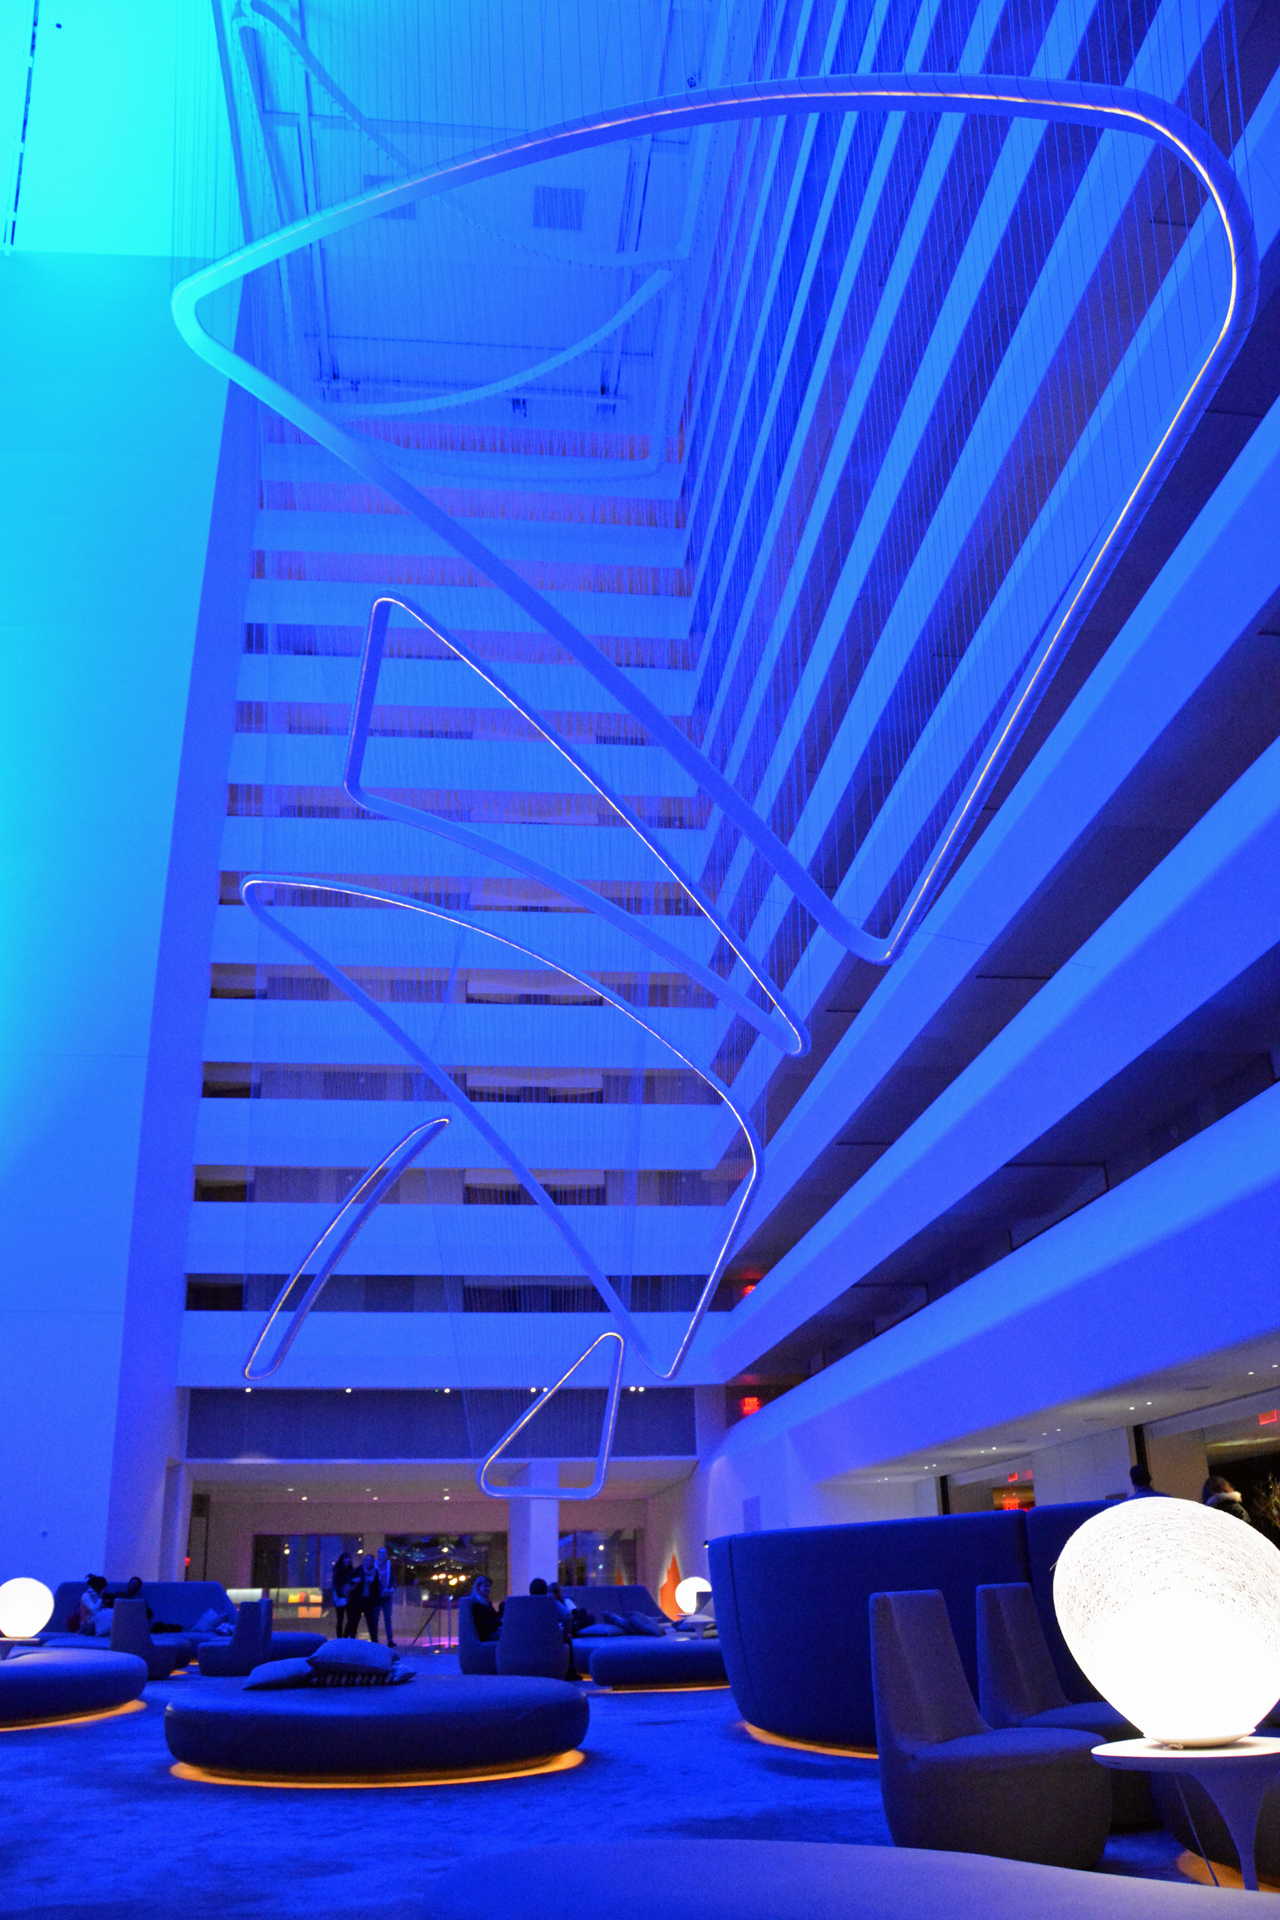 Atrio Conrad Hotel Nyc